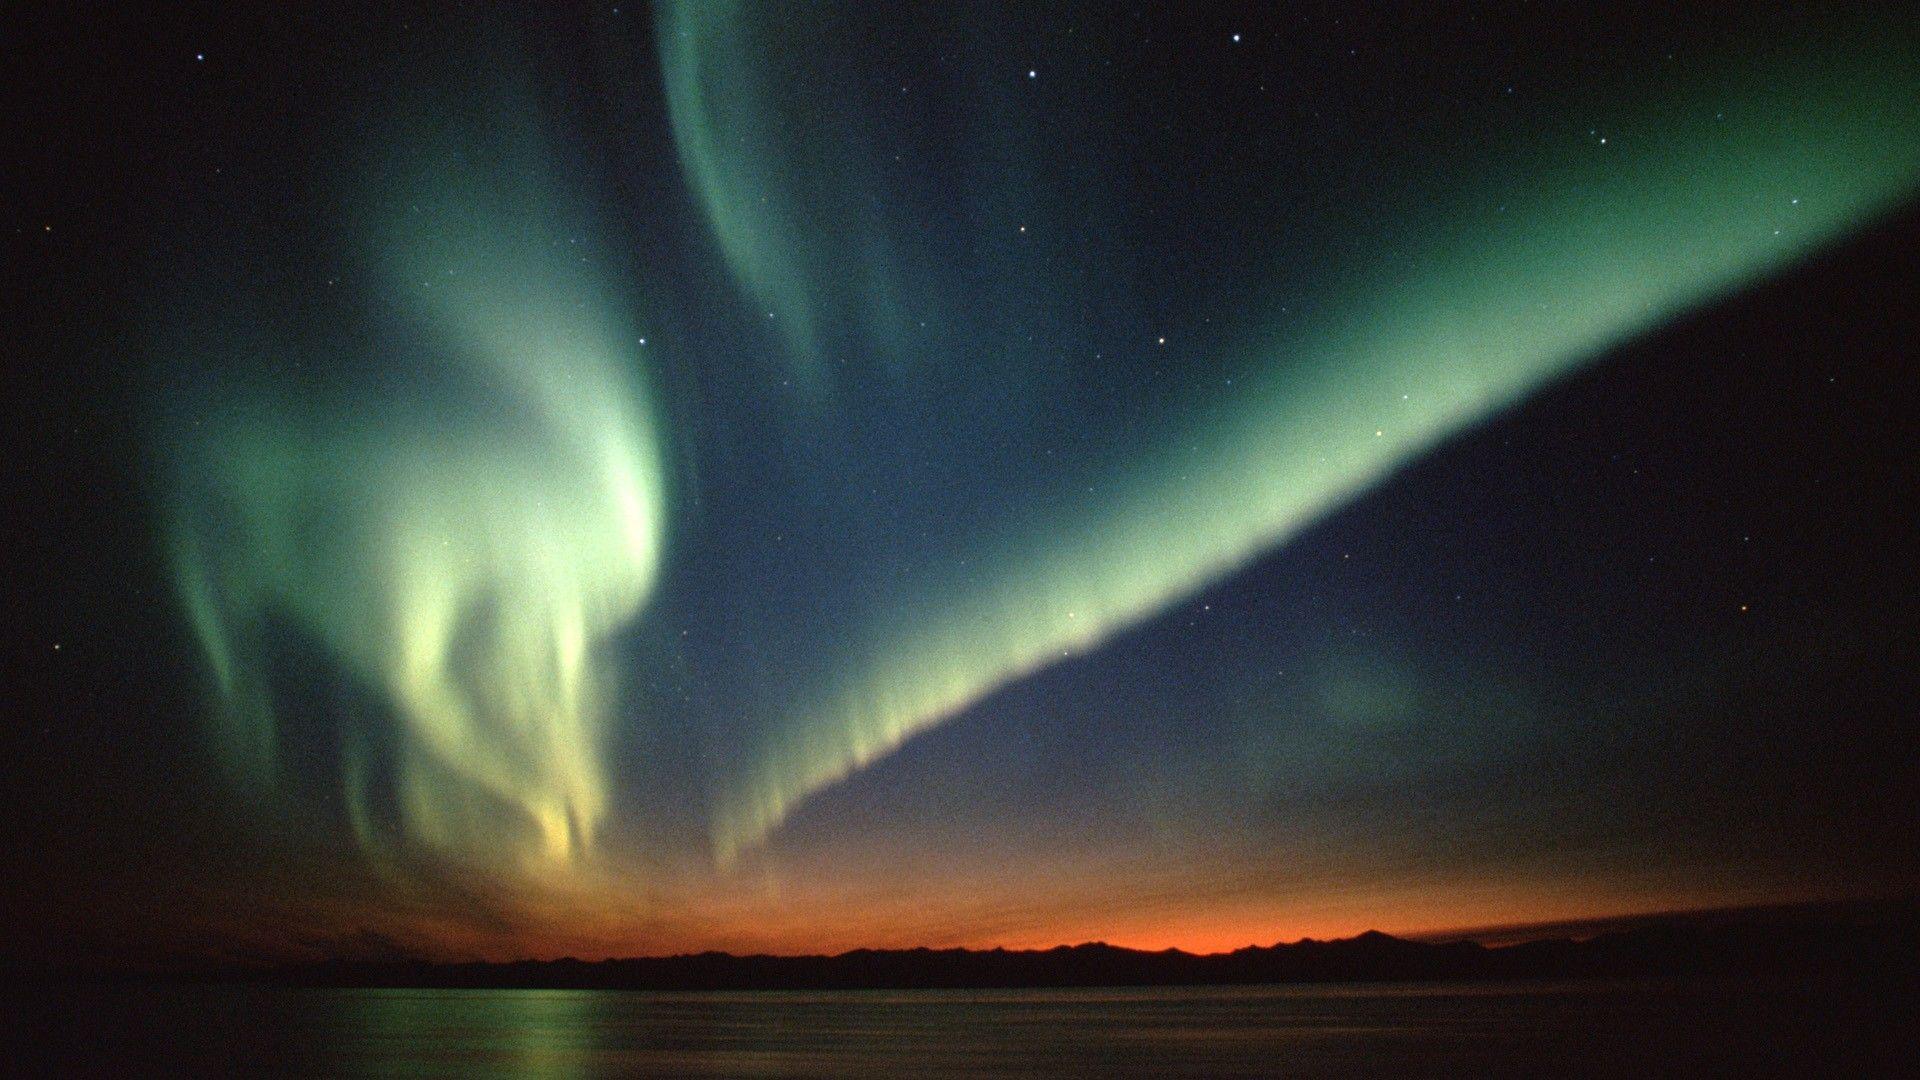 Aurora borealis wallpapers wallpaper cave for Sfondi aurora boreale